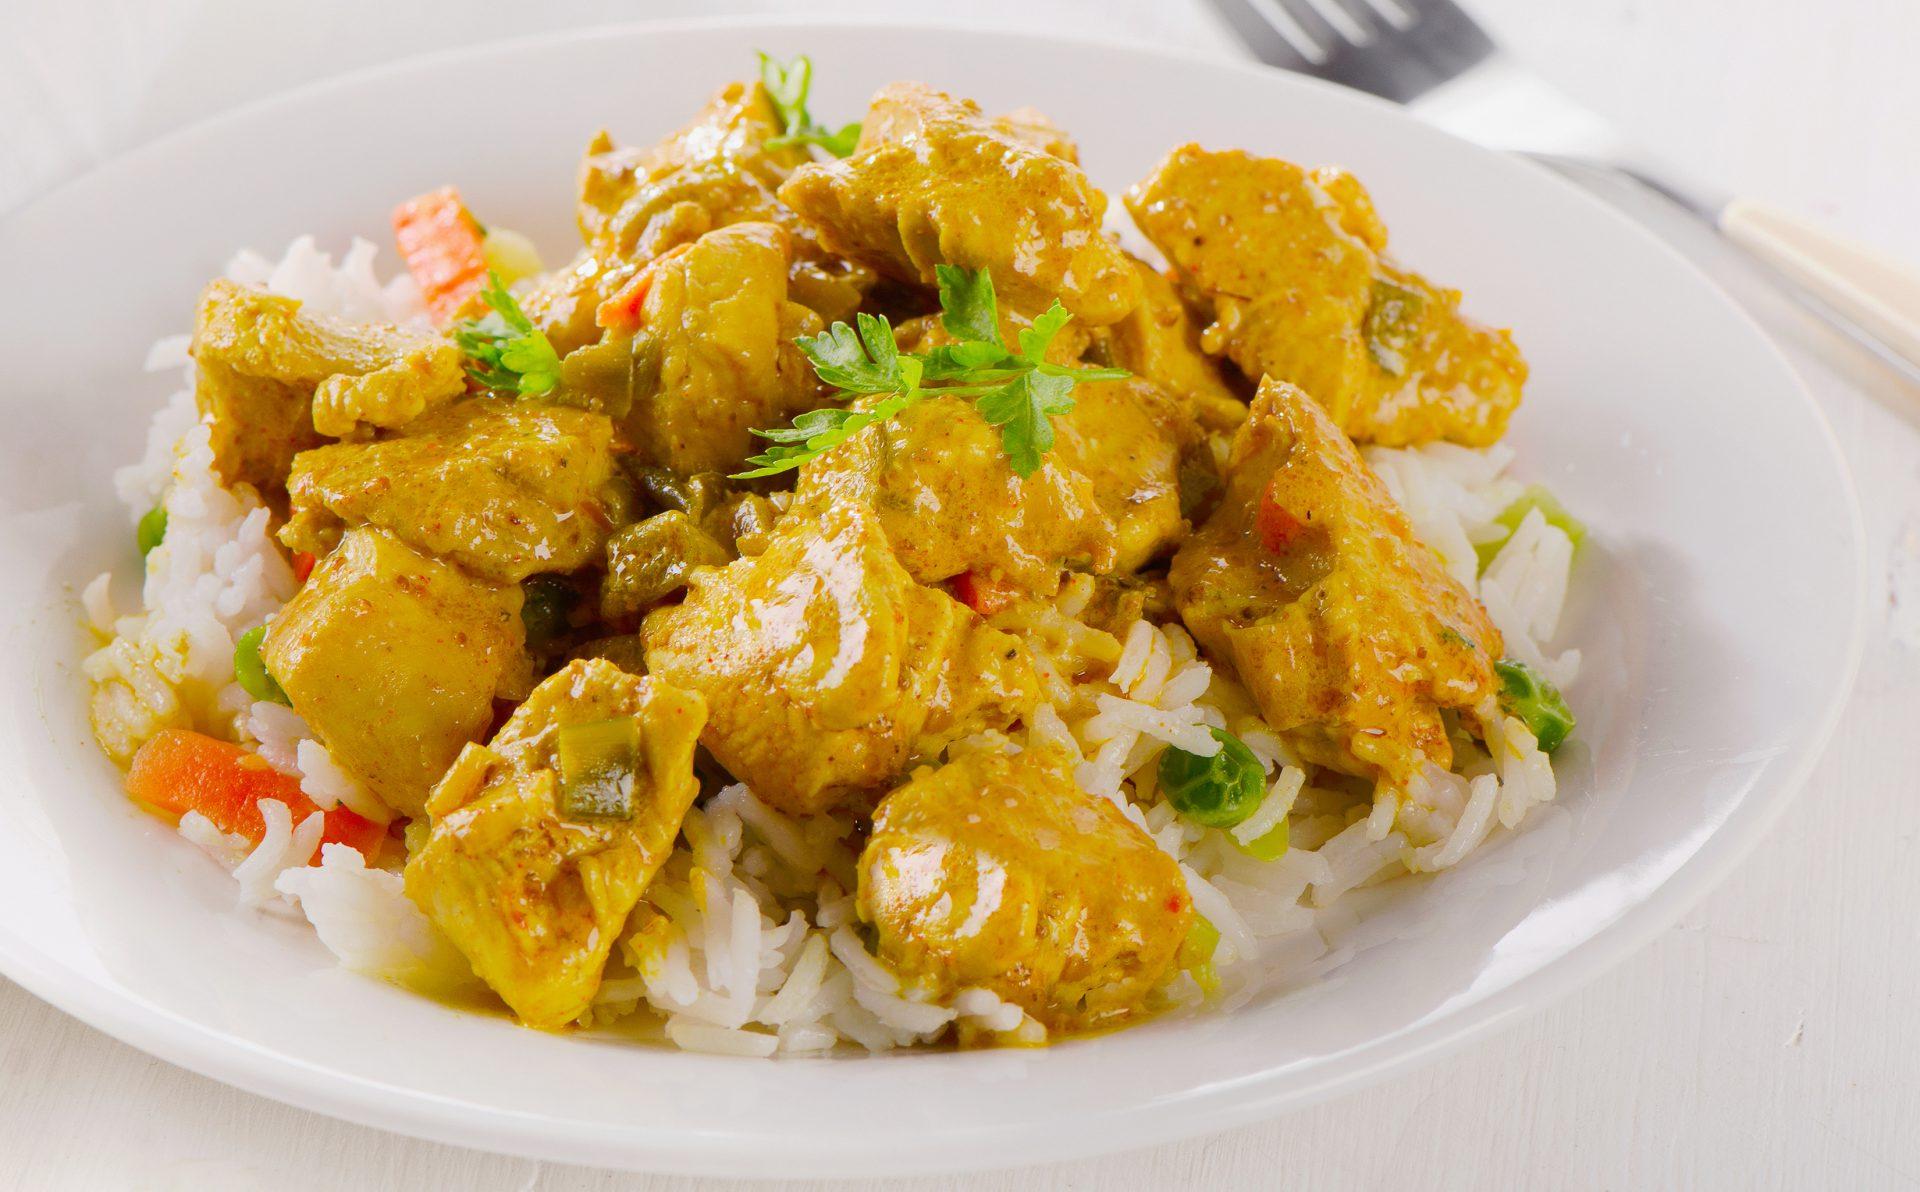 دستور پخت پلو مرغ کاری فوری یک غذای معروف هندی